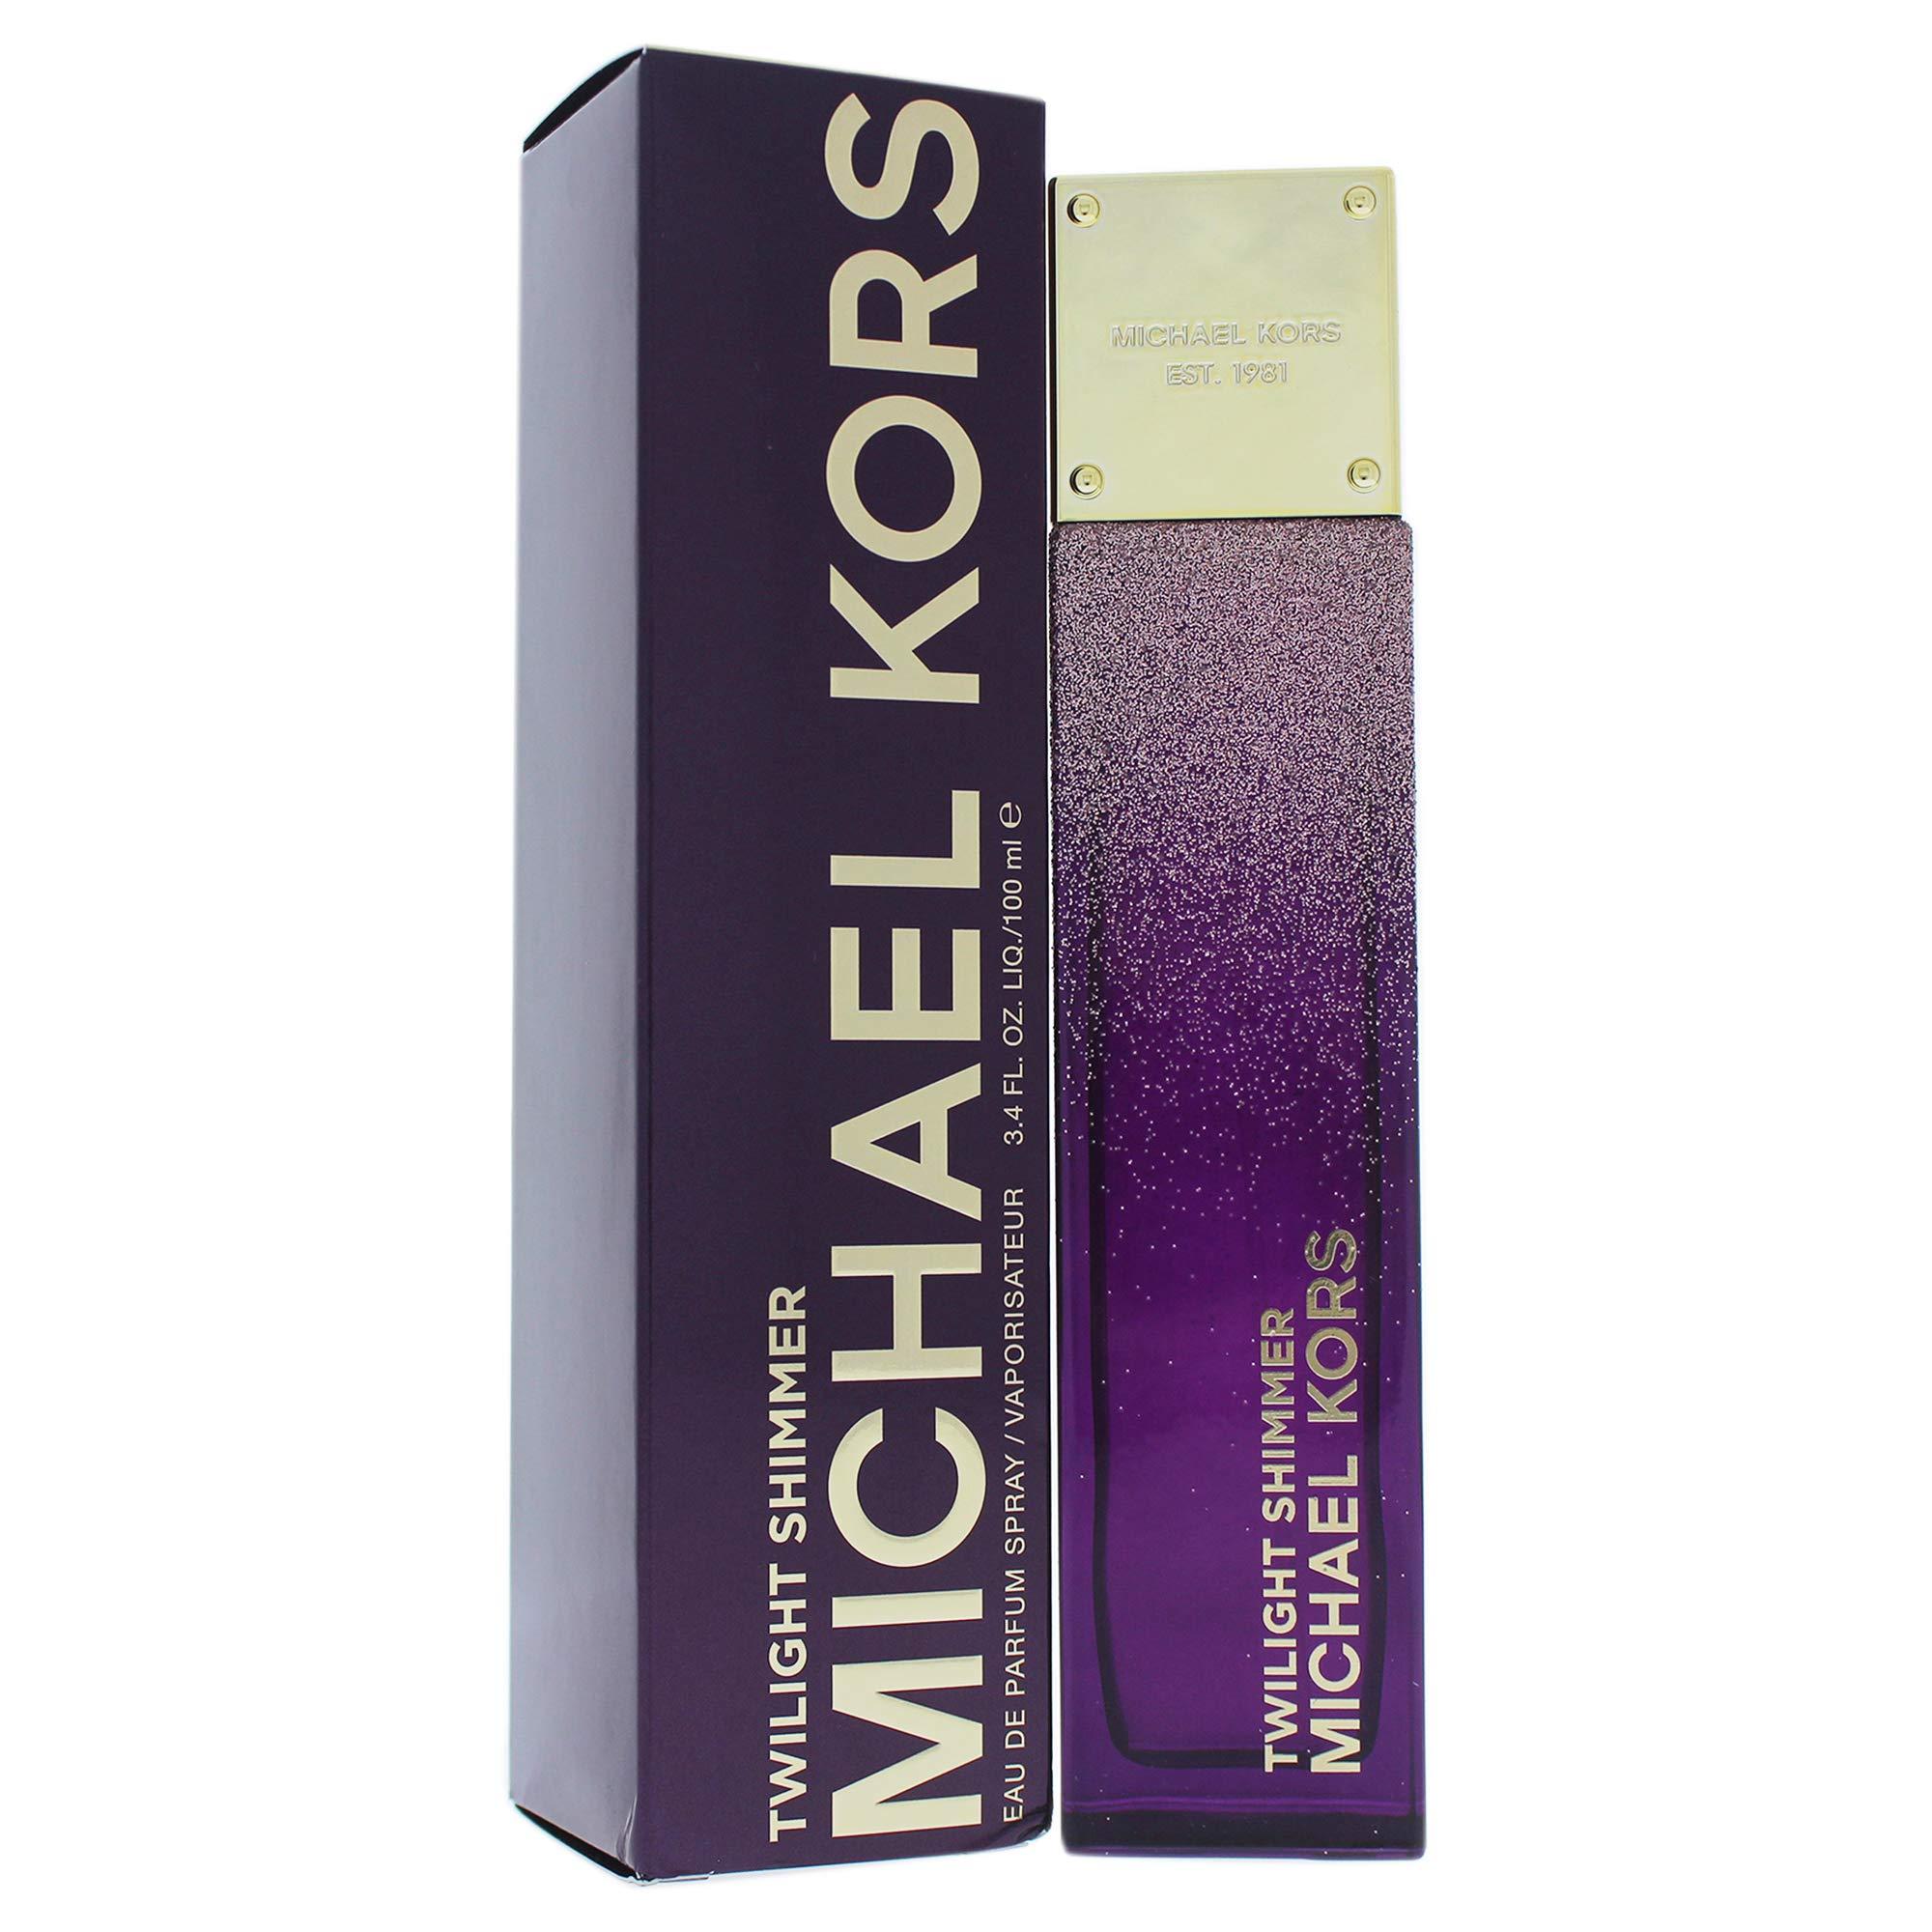 Michael Kors Twilight Shimmer Edp Spray for Women, 3.4 Ounce